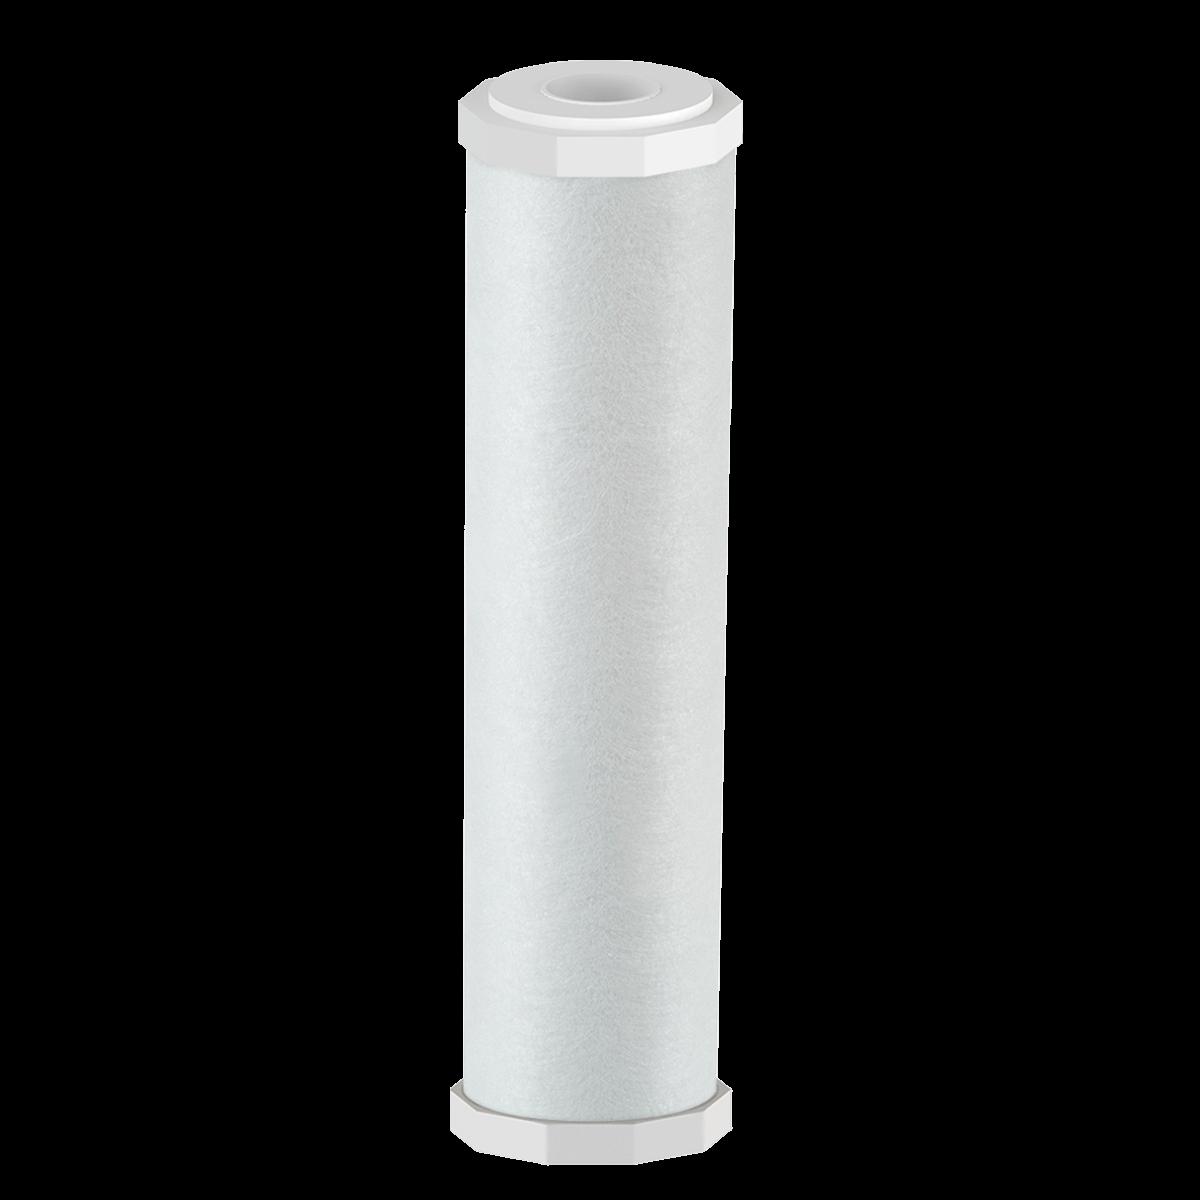 Refil Pp 9 Filtro Fit Poe 9 3/4 Rosca 1/2 Caixa D